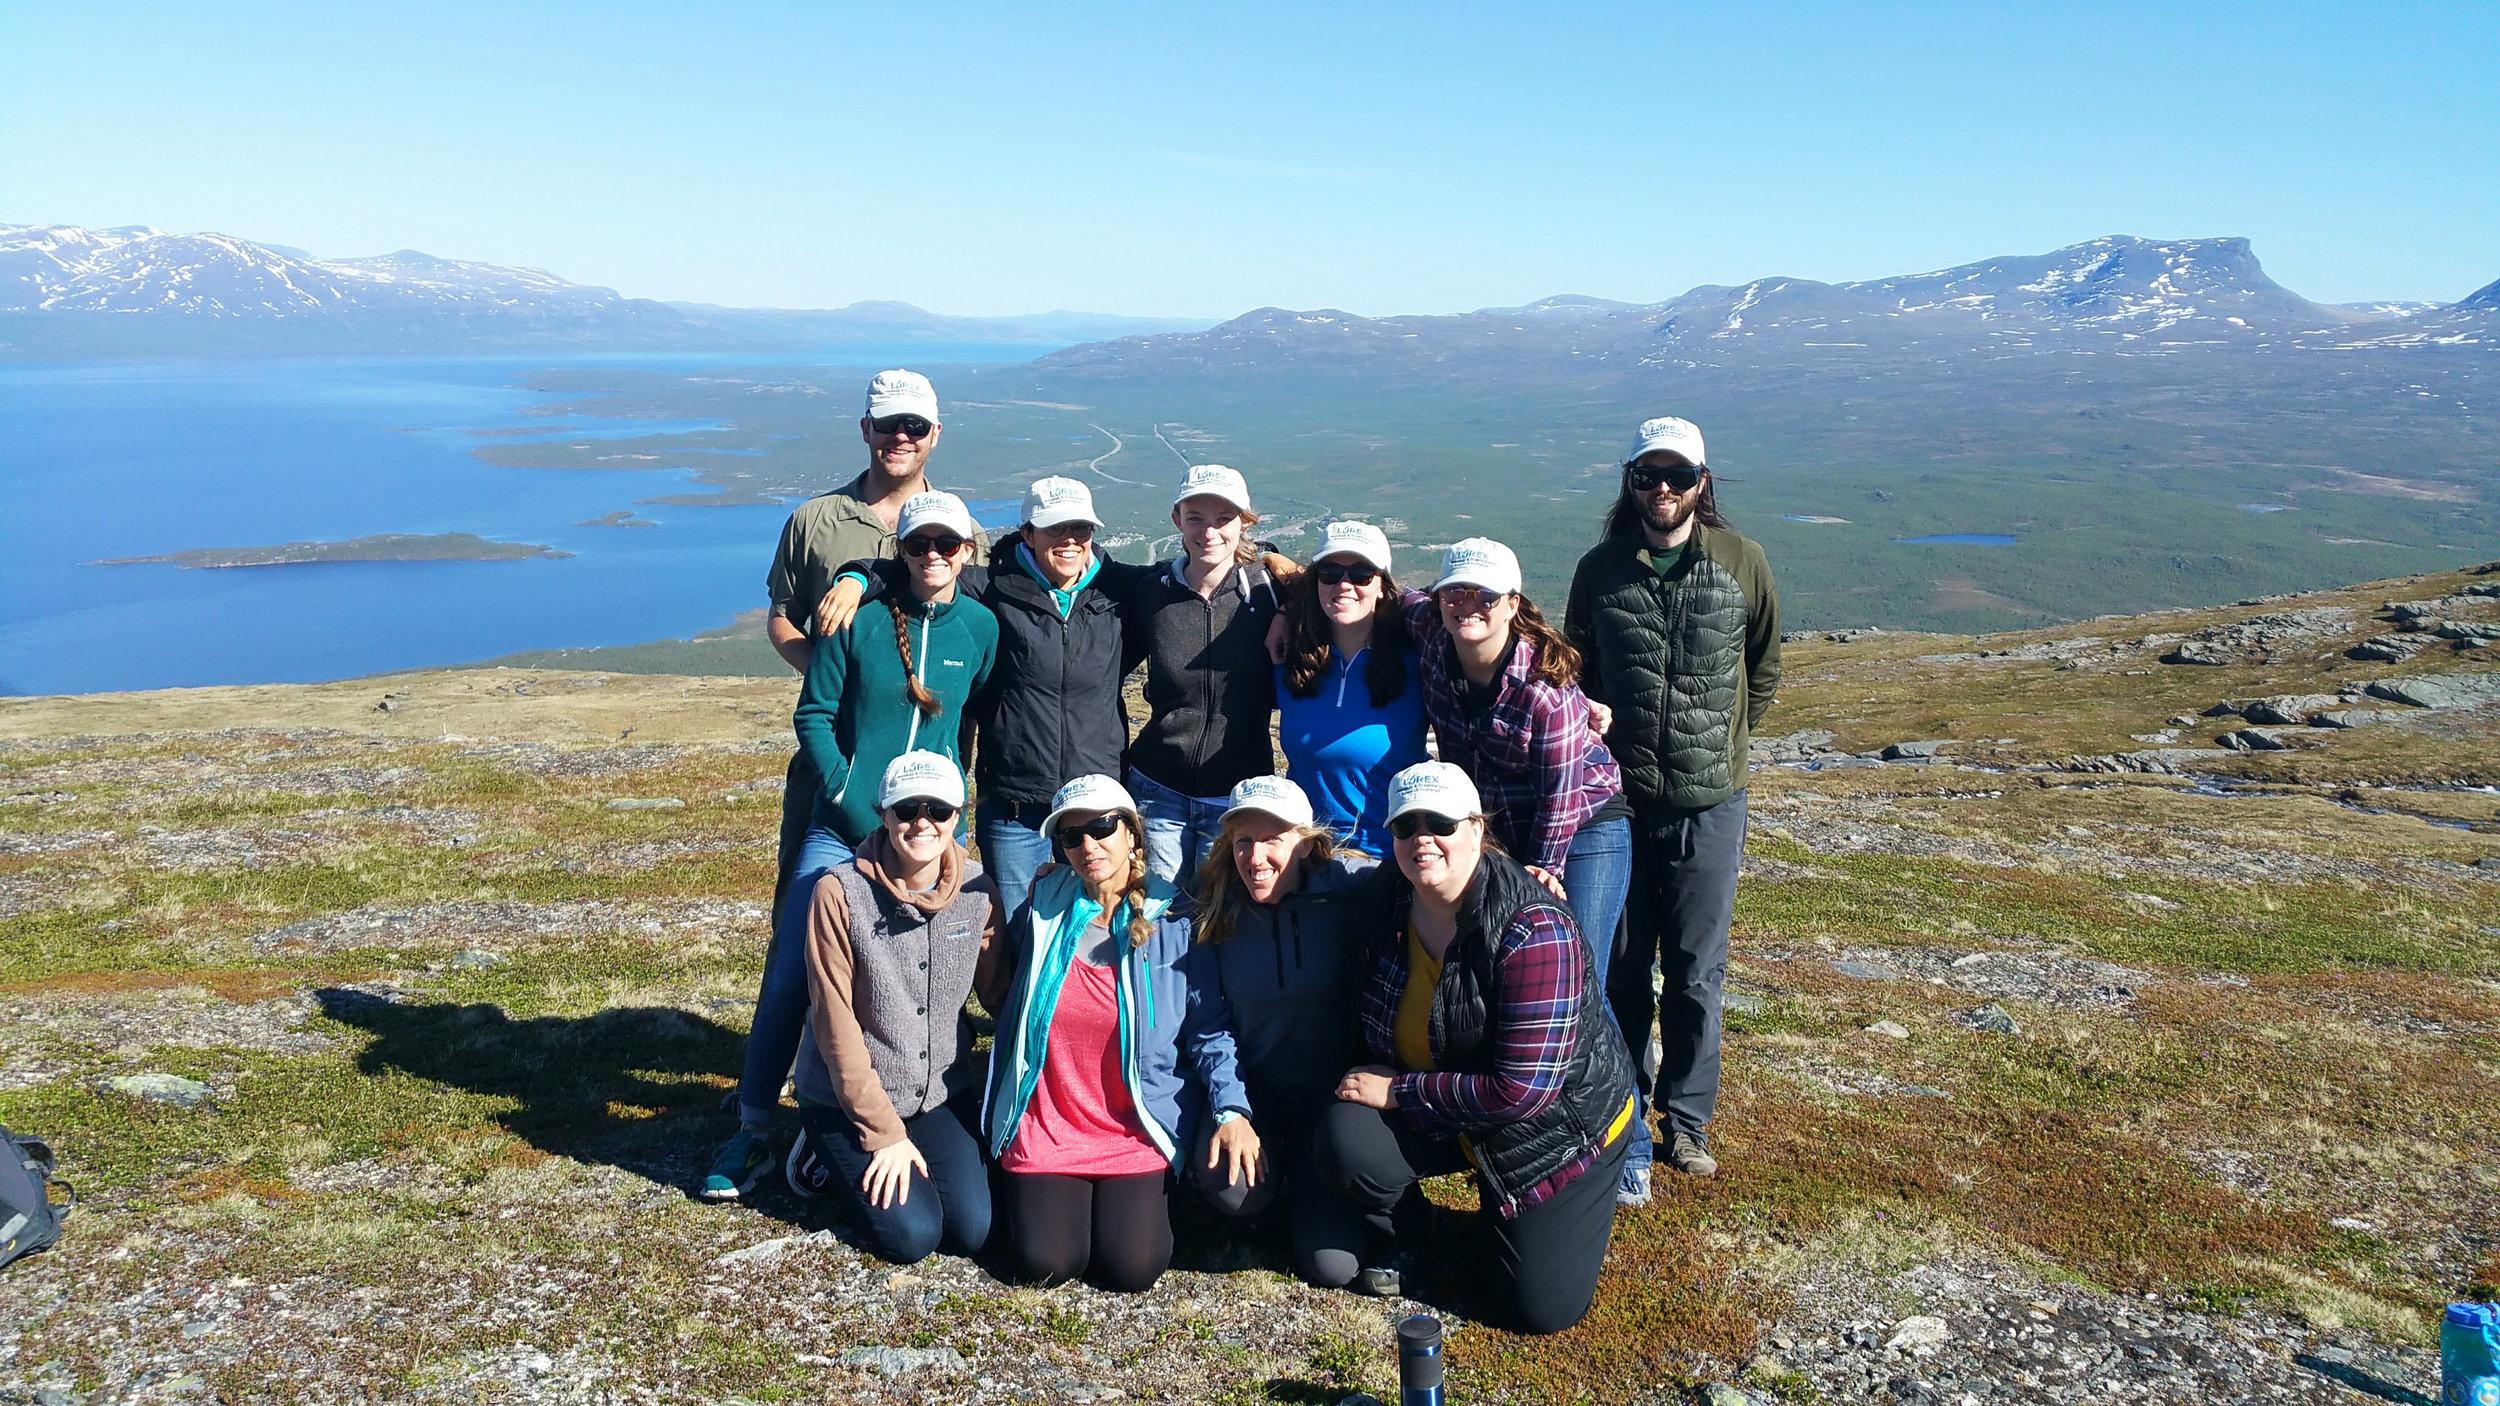 LOREX Students on Nuolja, Photo by Joëlle